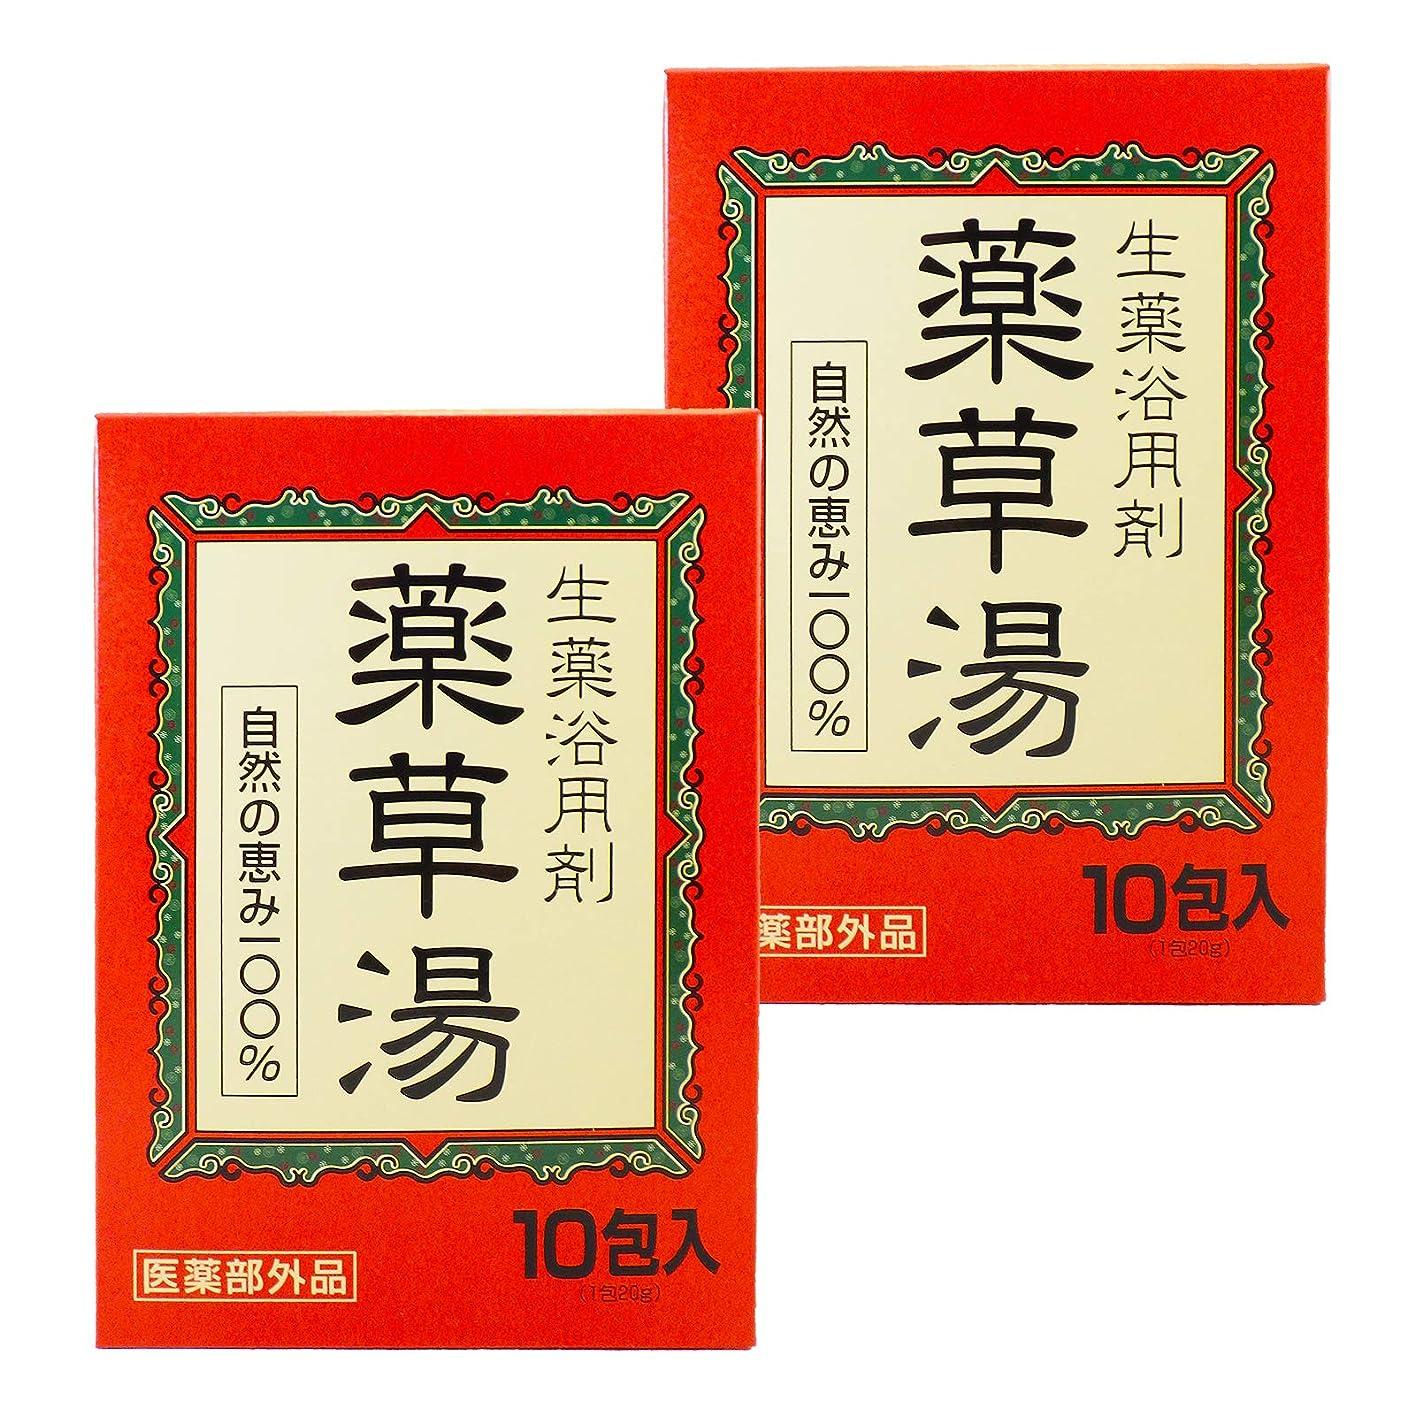 のヒープ粘土蜂【まとめ買い】 薬草湯 生薬浴用剤 10包入×2個 自然のめぐみ100% 医薬部外品